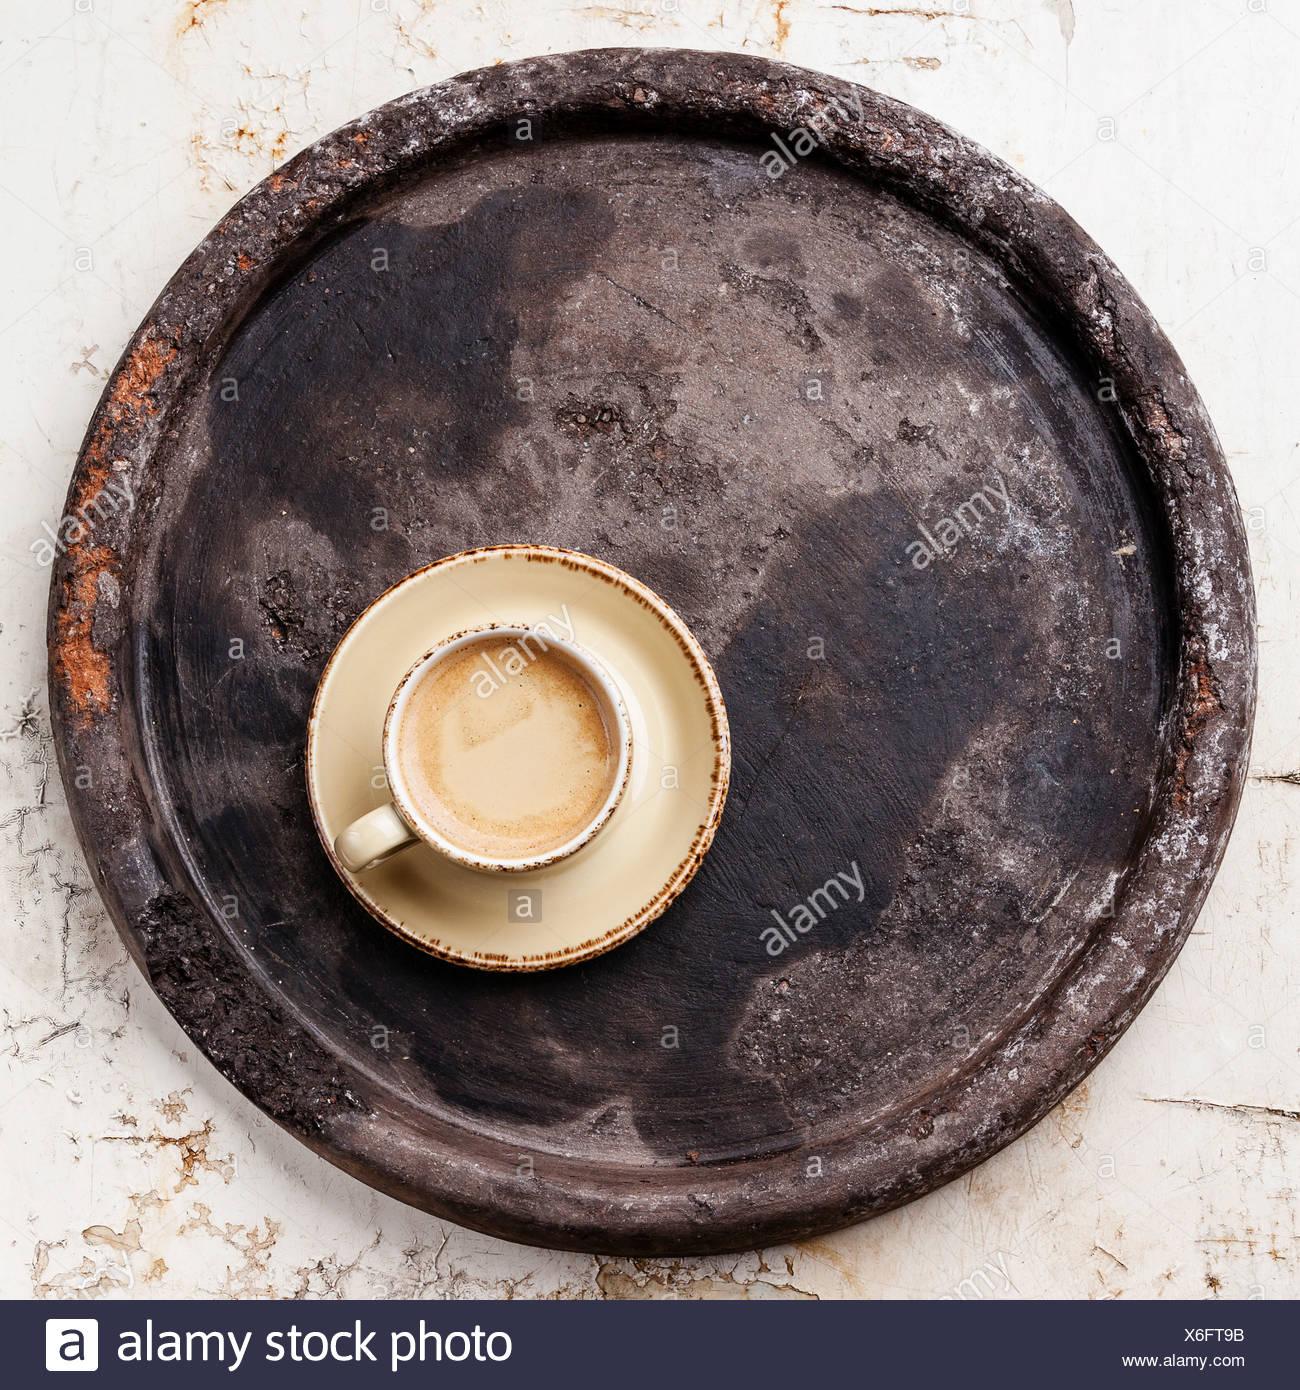 Tazza di caffè sulla pietra scura vassoio Immagini Stock